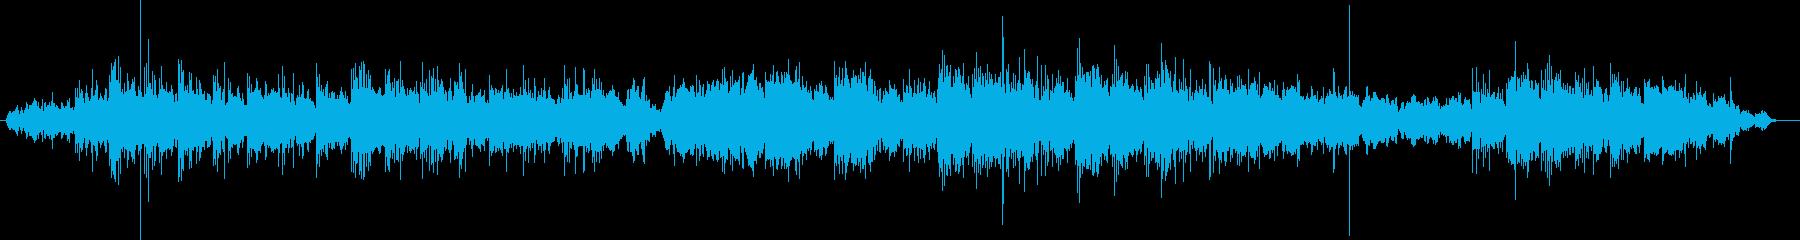 静かな雰囲気で癒されるメロディーの再生済みの波形